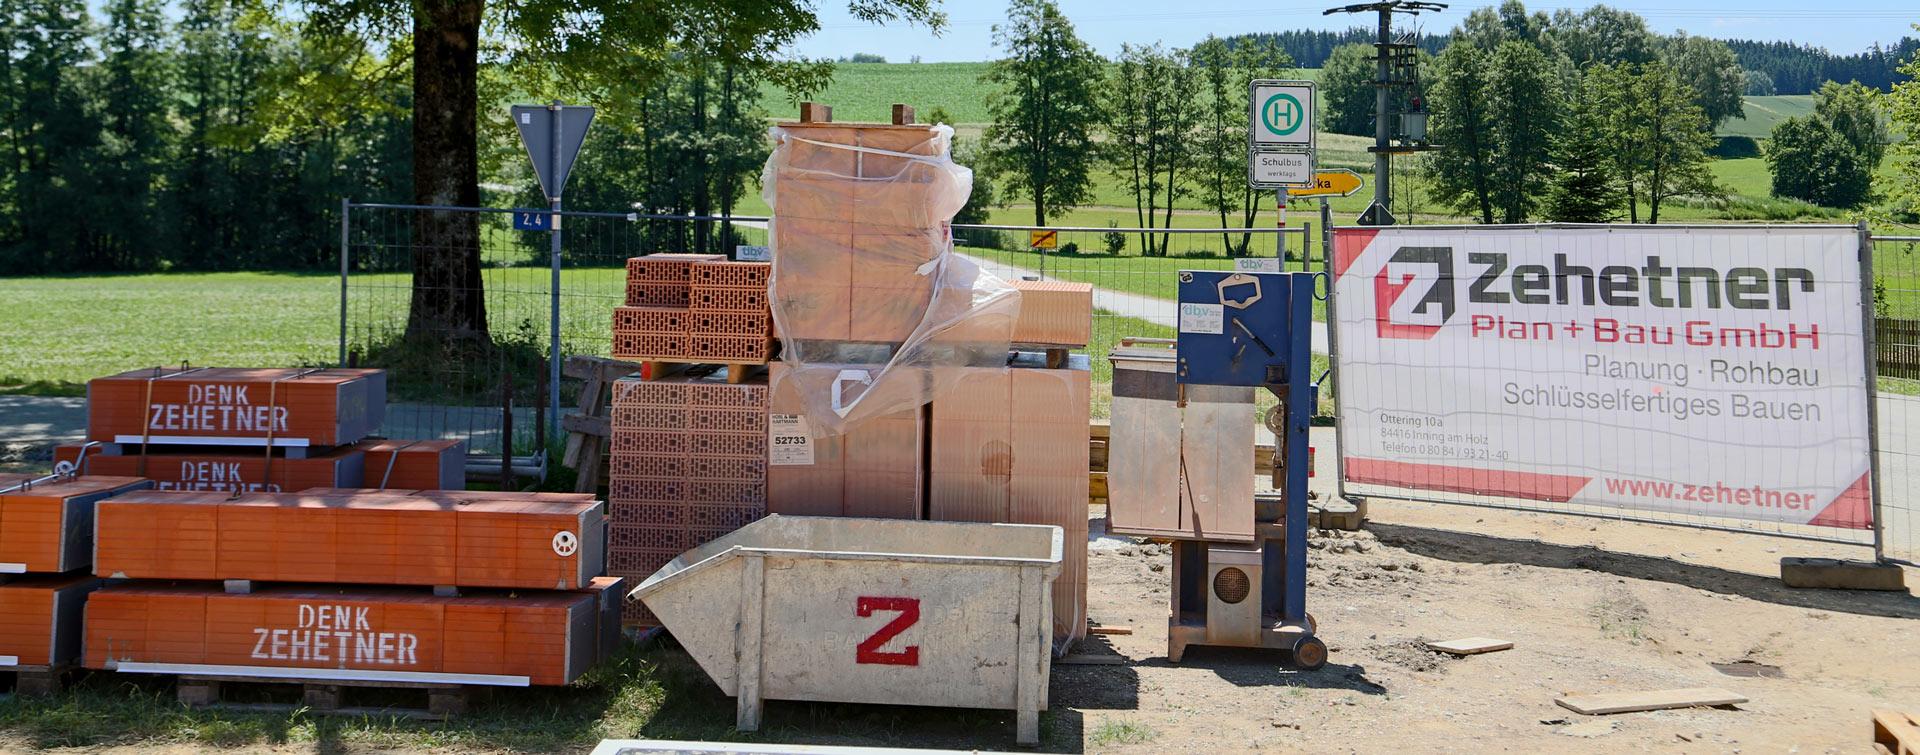 Baumaterial und Arbeitsmaterial von Zehetner Plan + Bau